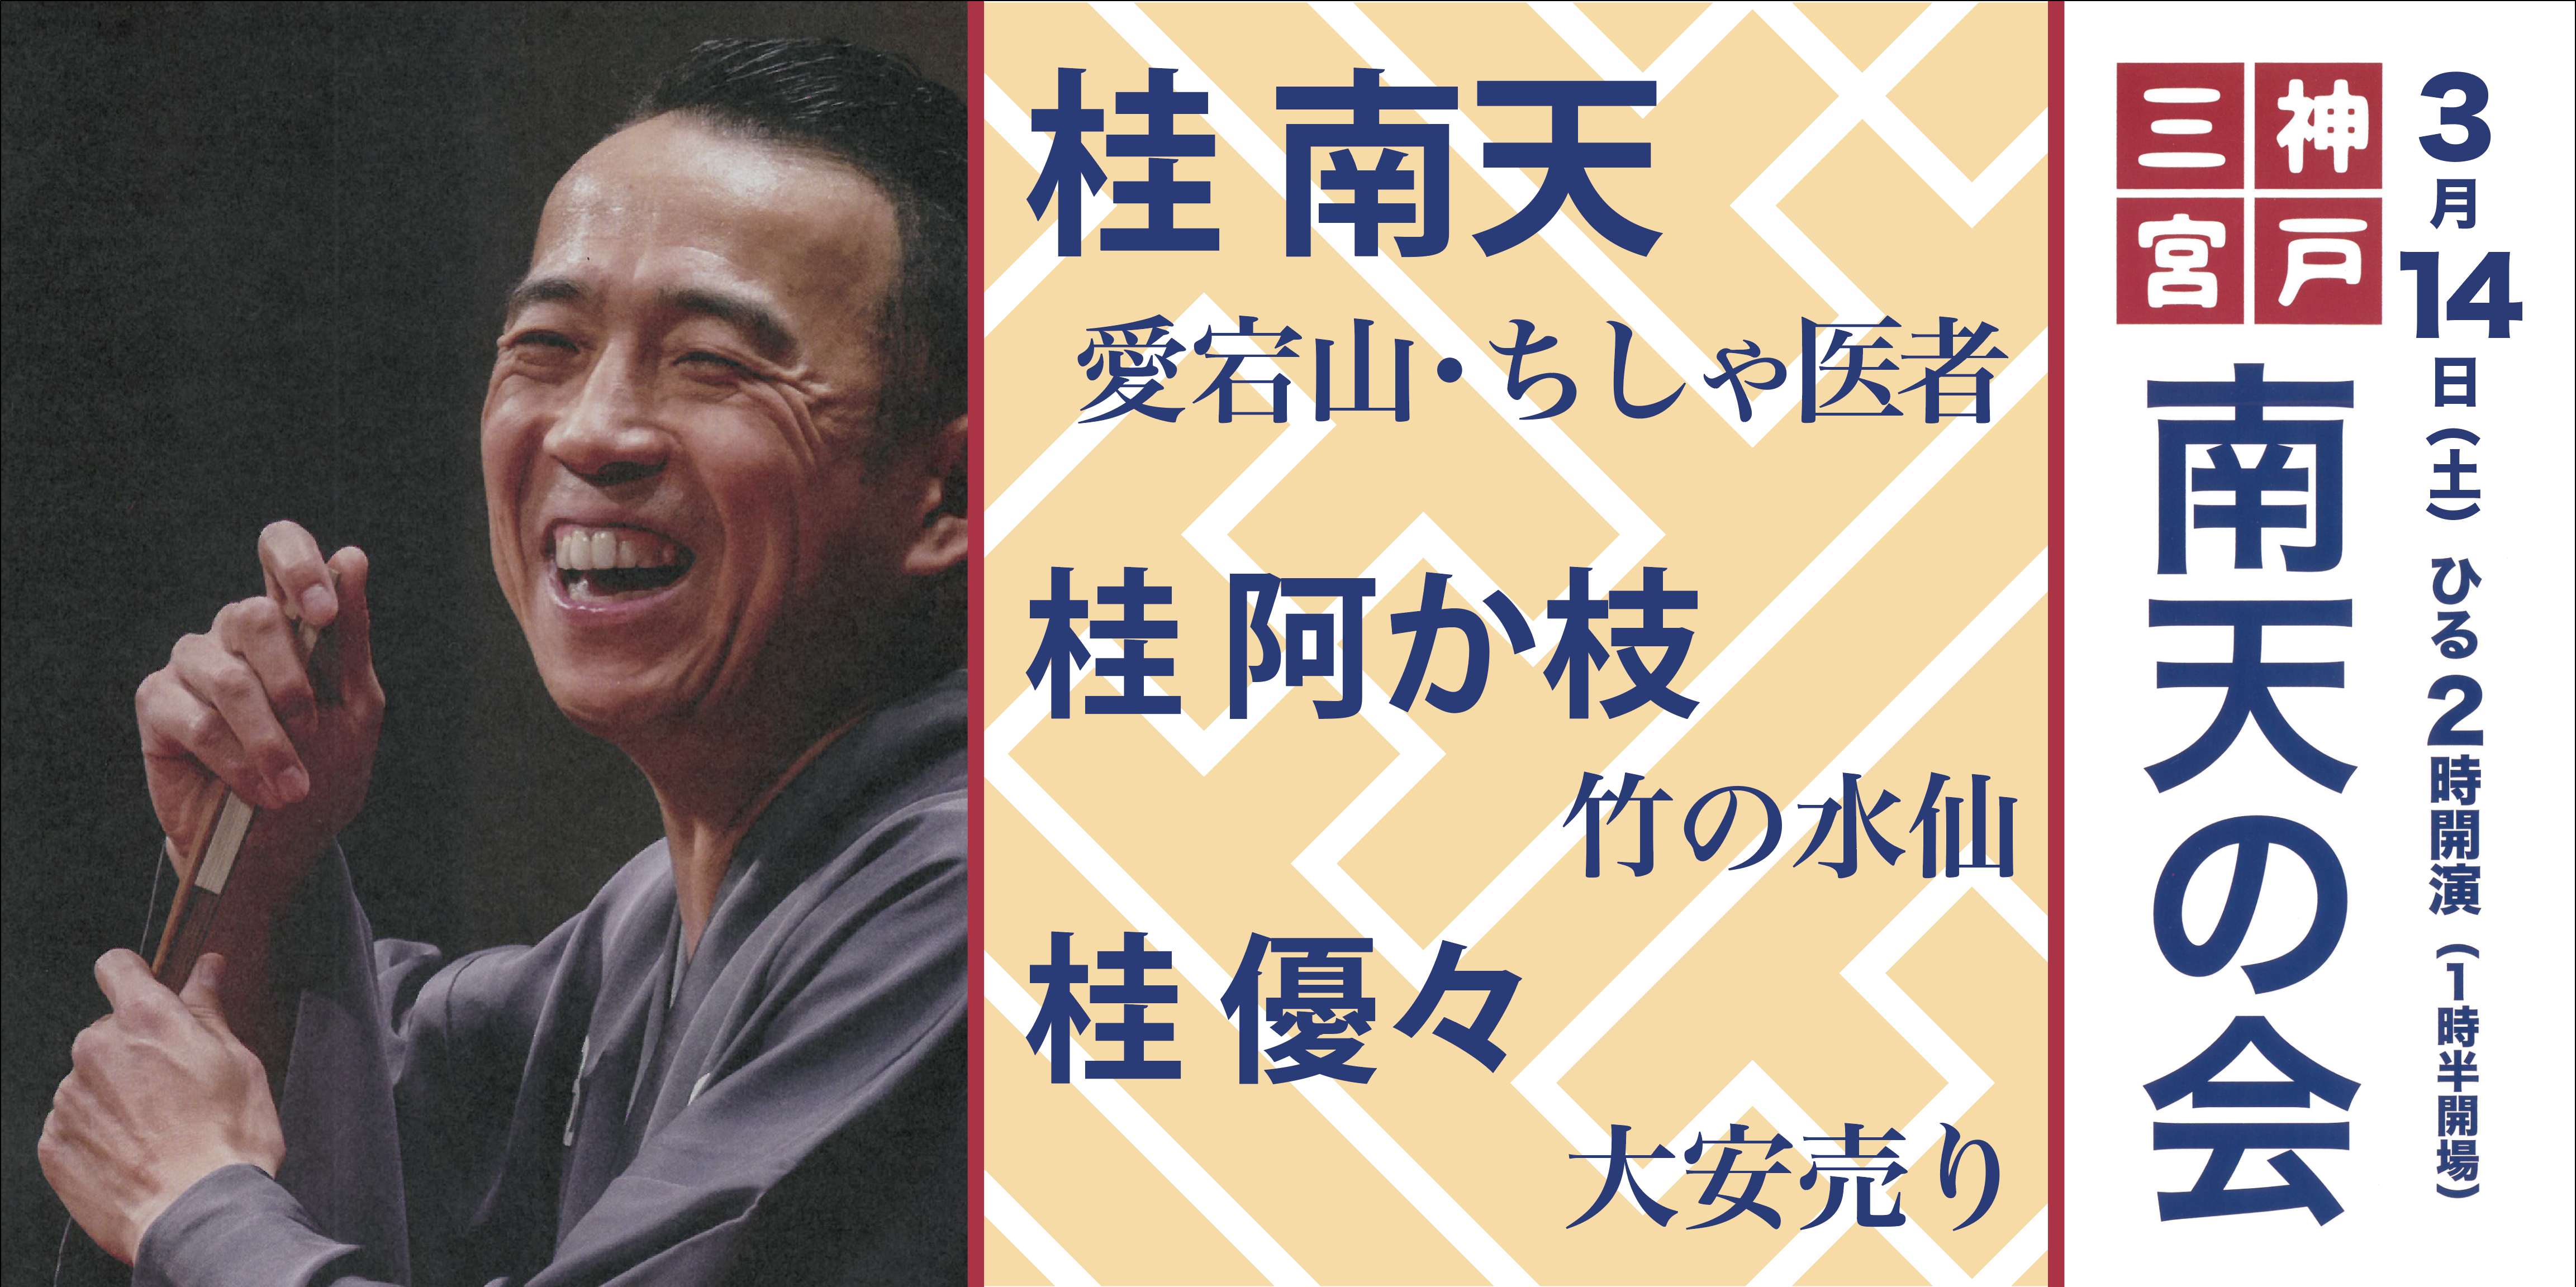 『神戸三宮 南天の会』